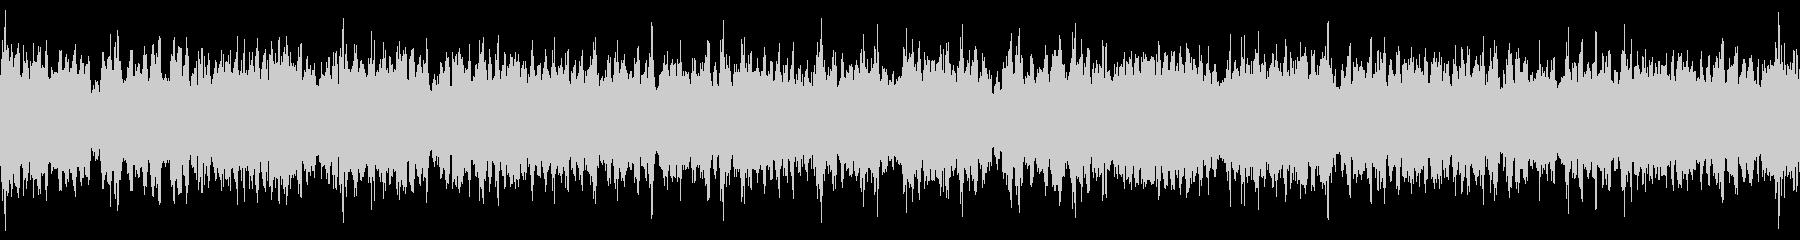 ロープレ城下町用オーケストラの未再生の波形